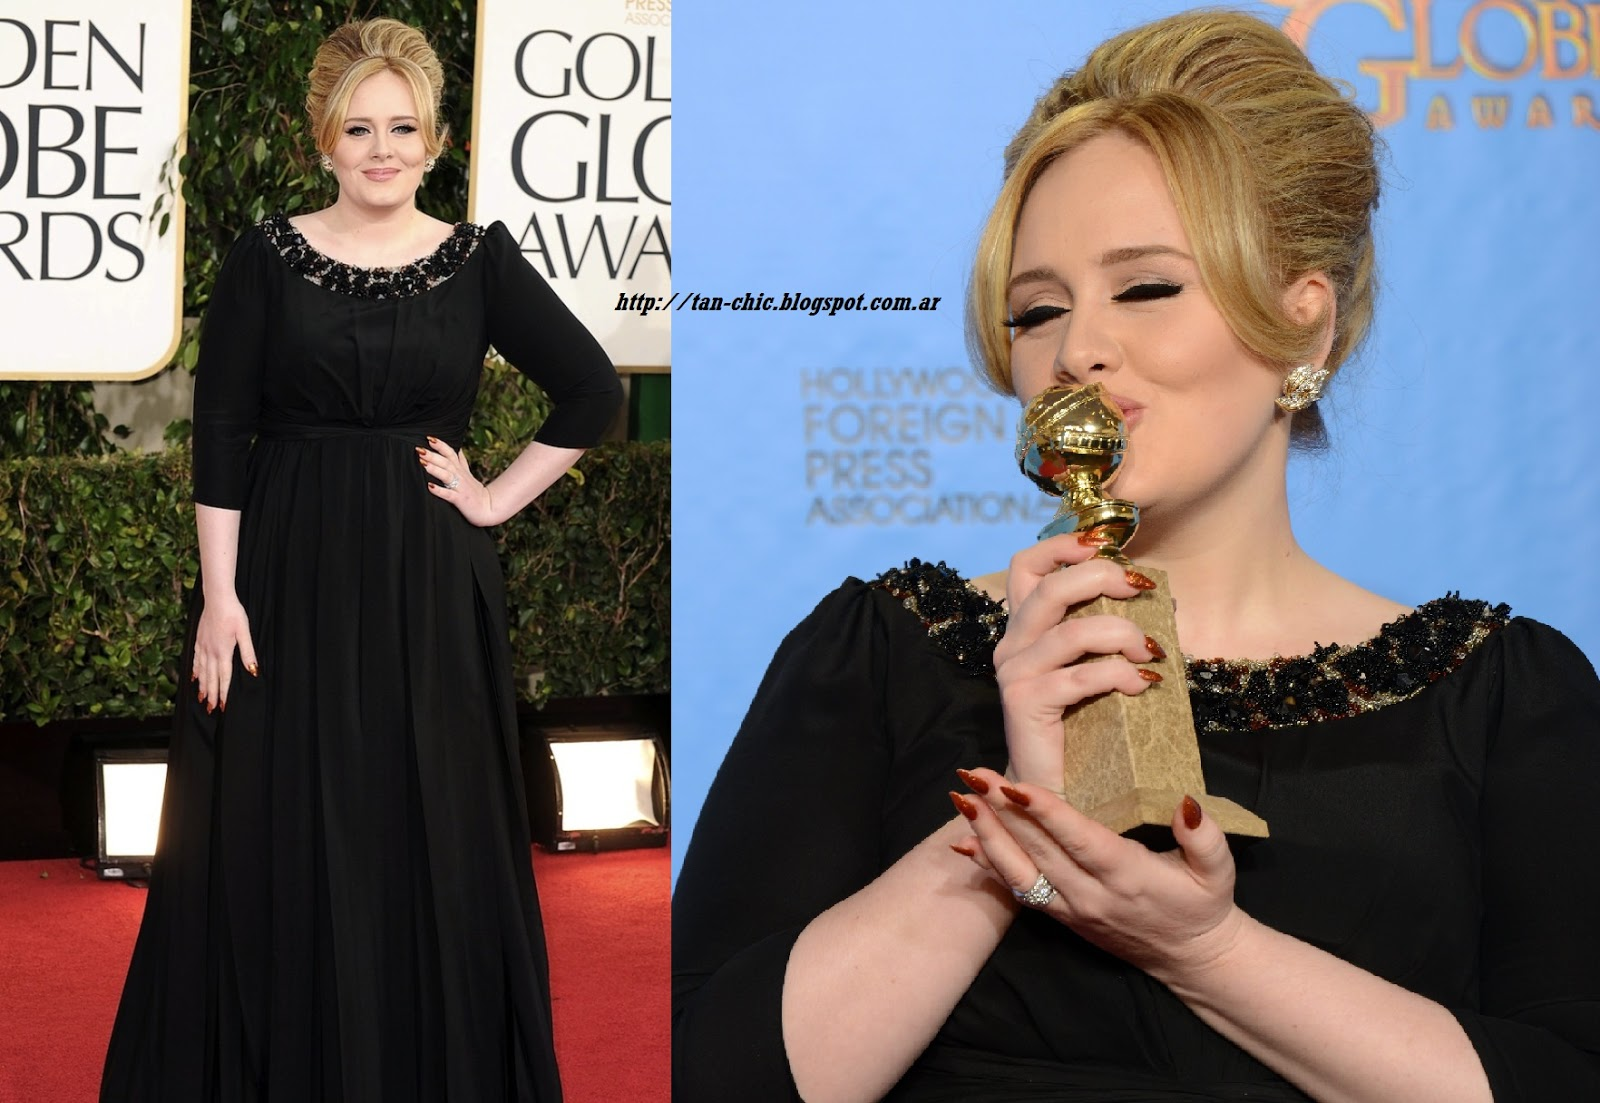 http://1.bp.blogspot.com/-4q0pPdFIDao/UPTqfGypy6I/AAAAAAAAAqc/igtFn6PT_bU/s1600/Golden-Globes-Adele.jpg